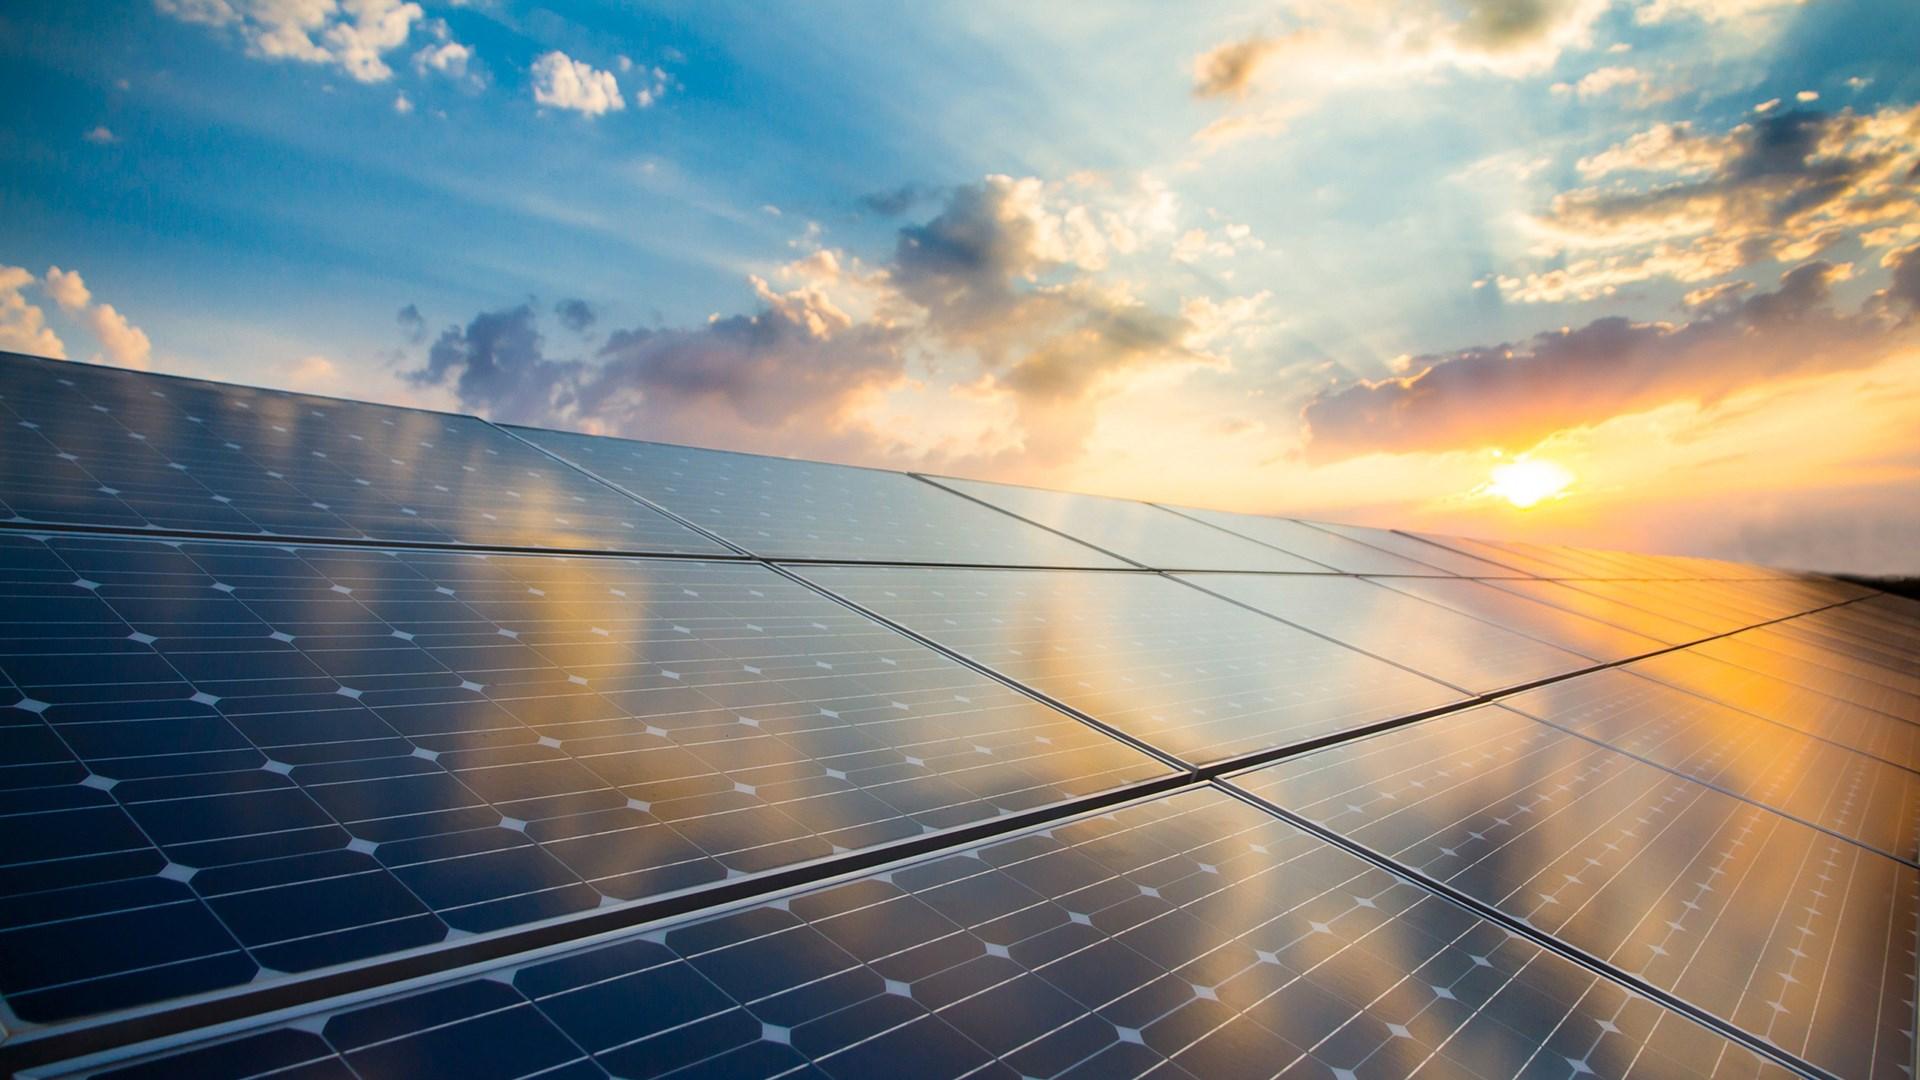 Por que os países estão adotando energia solar?